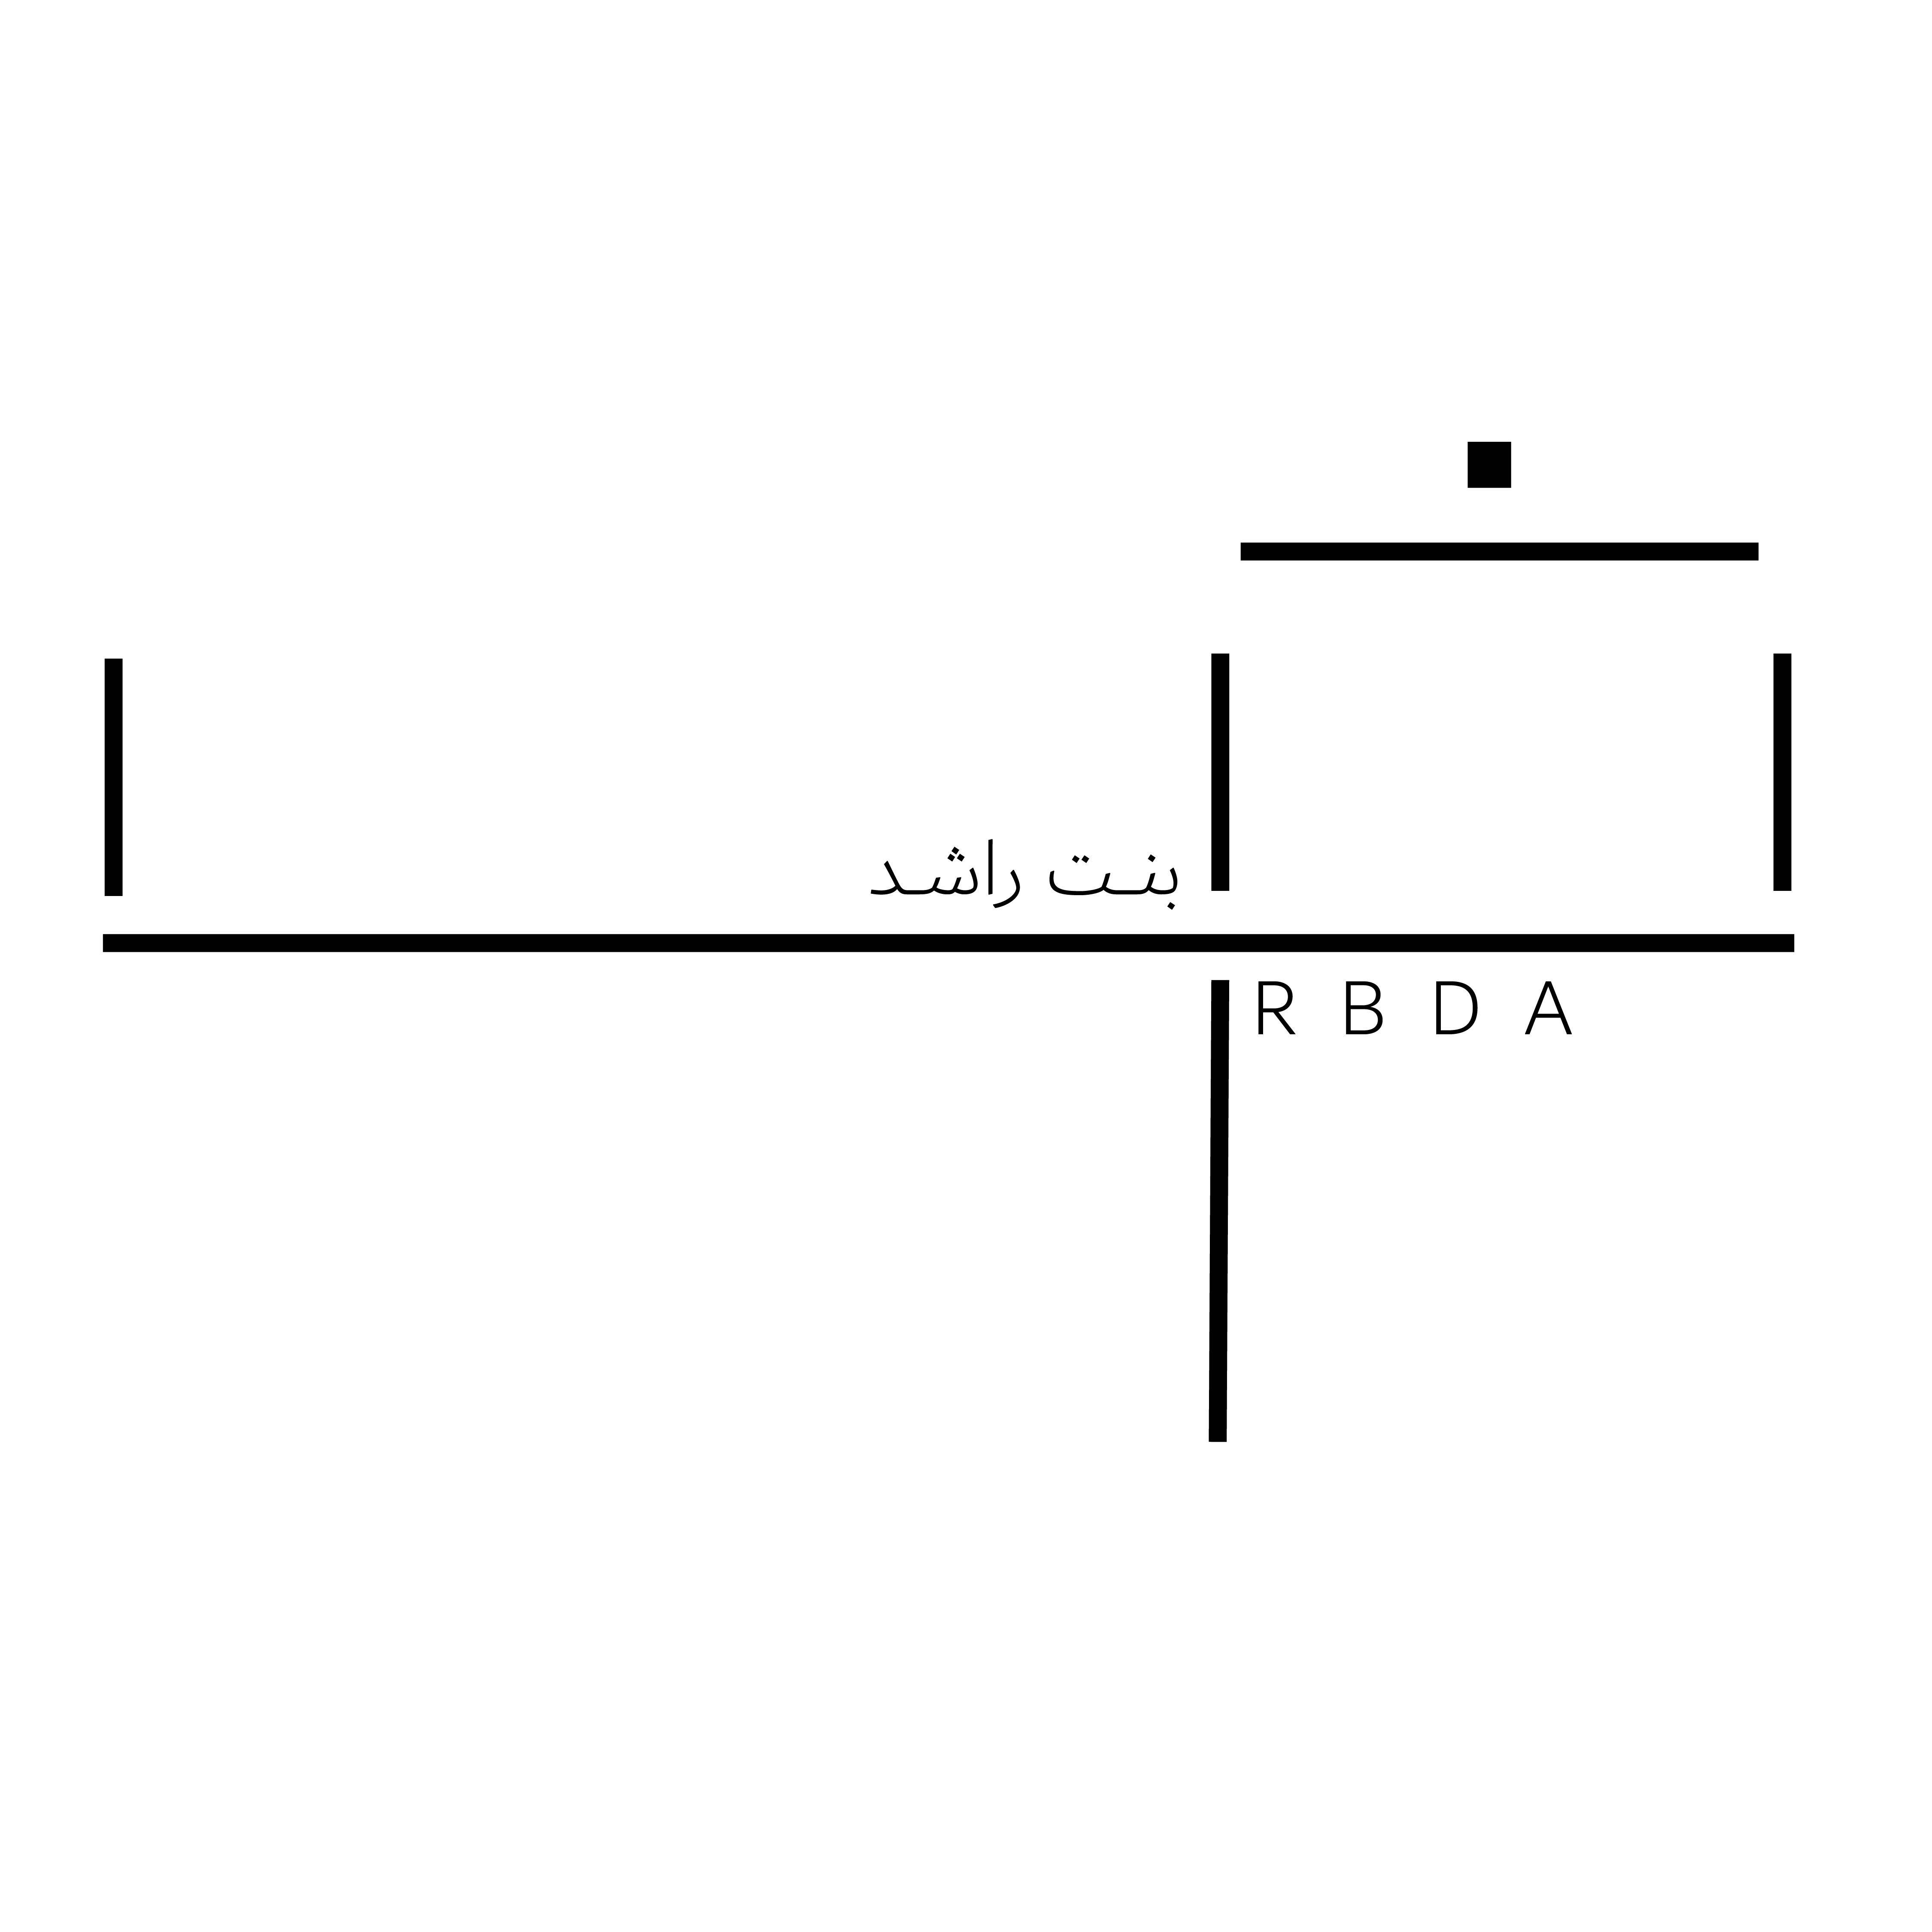 By FRBDA